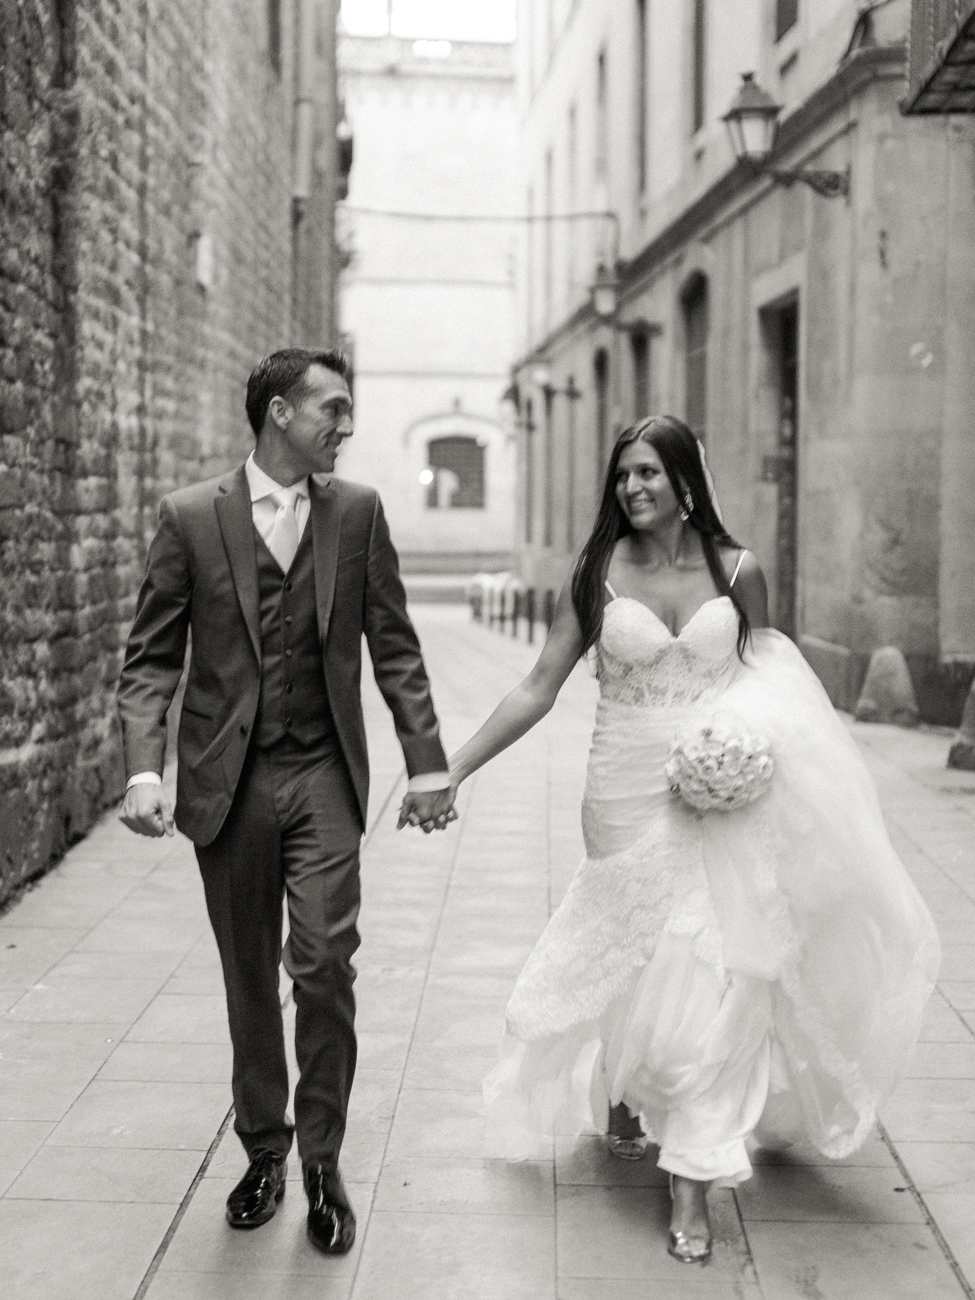 DennisRoyCoronel_Barcelona_Wedding-60.jpg